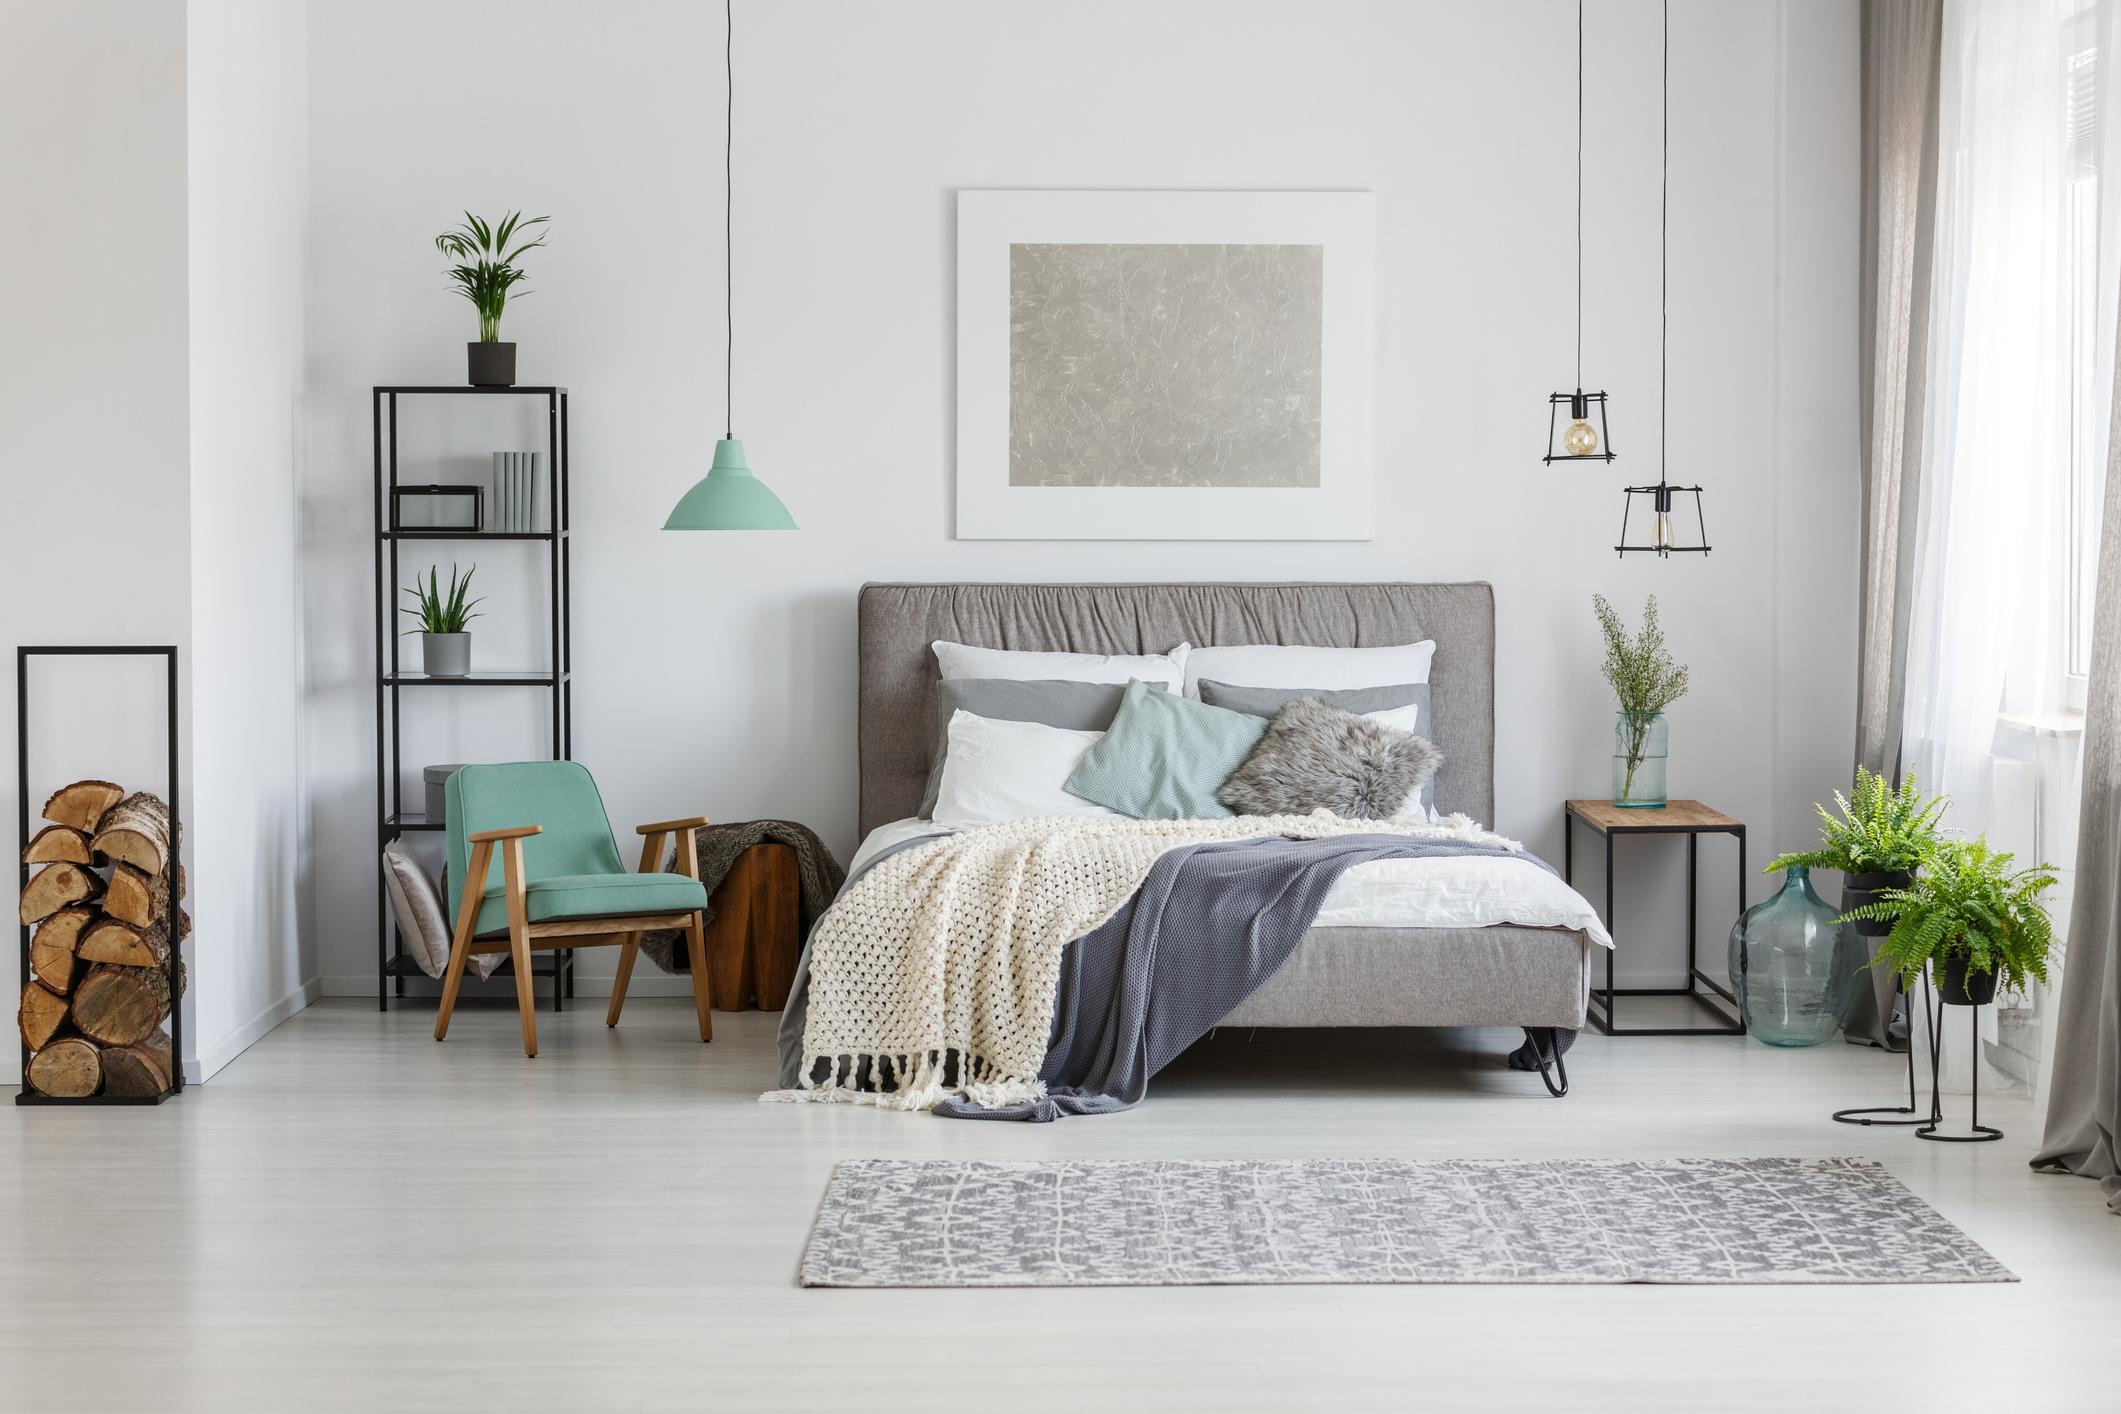 Създаване на план. След като сте избрали интериорния дизайнер той започва с изготвянето на схемите за интериорния дизайн и разположението на мебелите в апартамента. Обикновено има поне два, а понякога и три и повече варианта, за функционалното разпределение в жилището. Този процес ще отнеме известно време докато изготви подробен план за интериорен дизайн на дома ви. След това вие ще можете да го разгледате и да обсъдите дали ви харесва по този начин или ще са нужни корекции. Имайте предвид, че ако проекта е по-голям или имате допълнителни изисквания за конструктивни промени, тази първоначална фаза може да отнеме повече време.